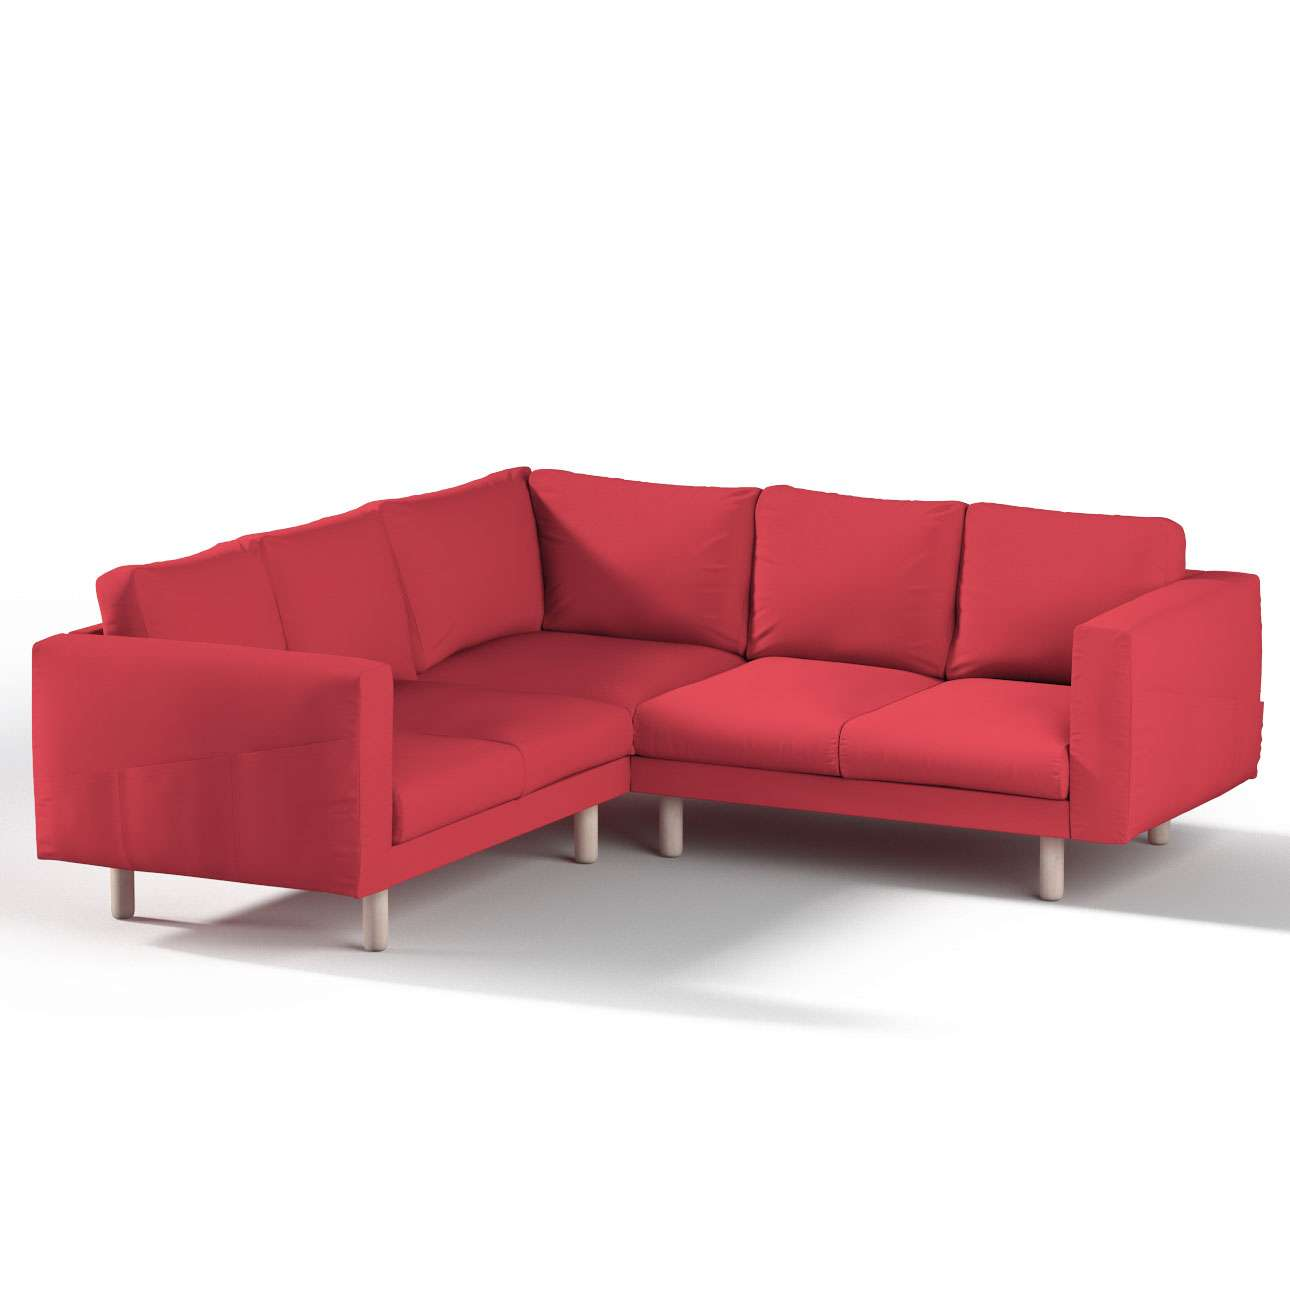 Pokrowiec na sofę narożną Norsborg 4-osobową w kolekcji Etna, tkanina: 705-60